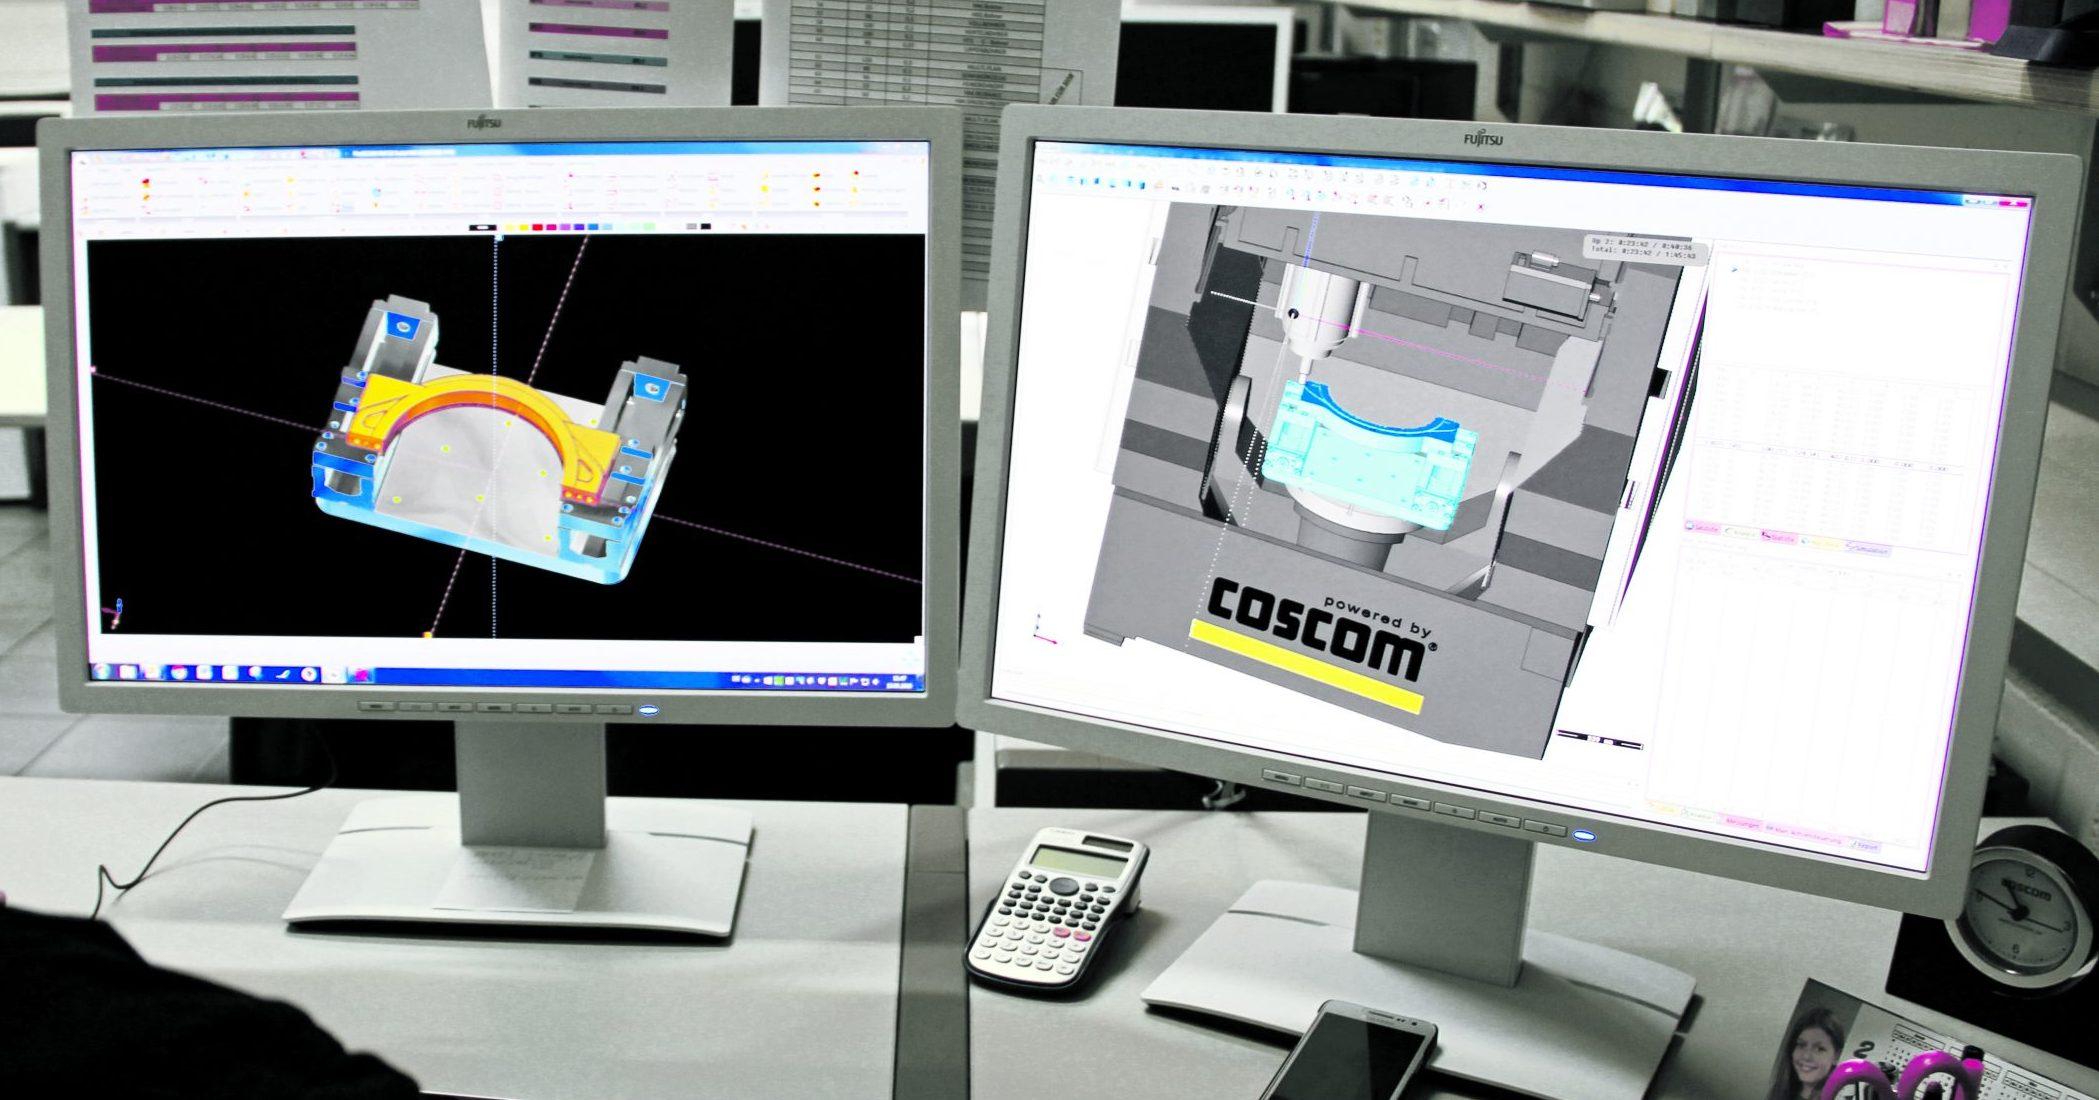 Die Programmierzeit eines komplexen Bauteils hat sich mit aktueller 3D-Programmierung von zwölf auf zwei Wochen reduziert. Die Maschinensimulation Profi Kinematik VM sichert das Programmierergebnis im Virtual-Machining-Konzept ab. (Bild: Coscom Computer GmbH)